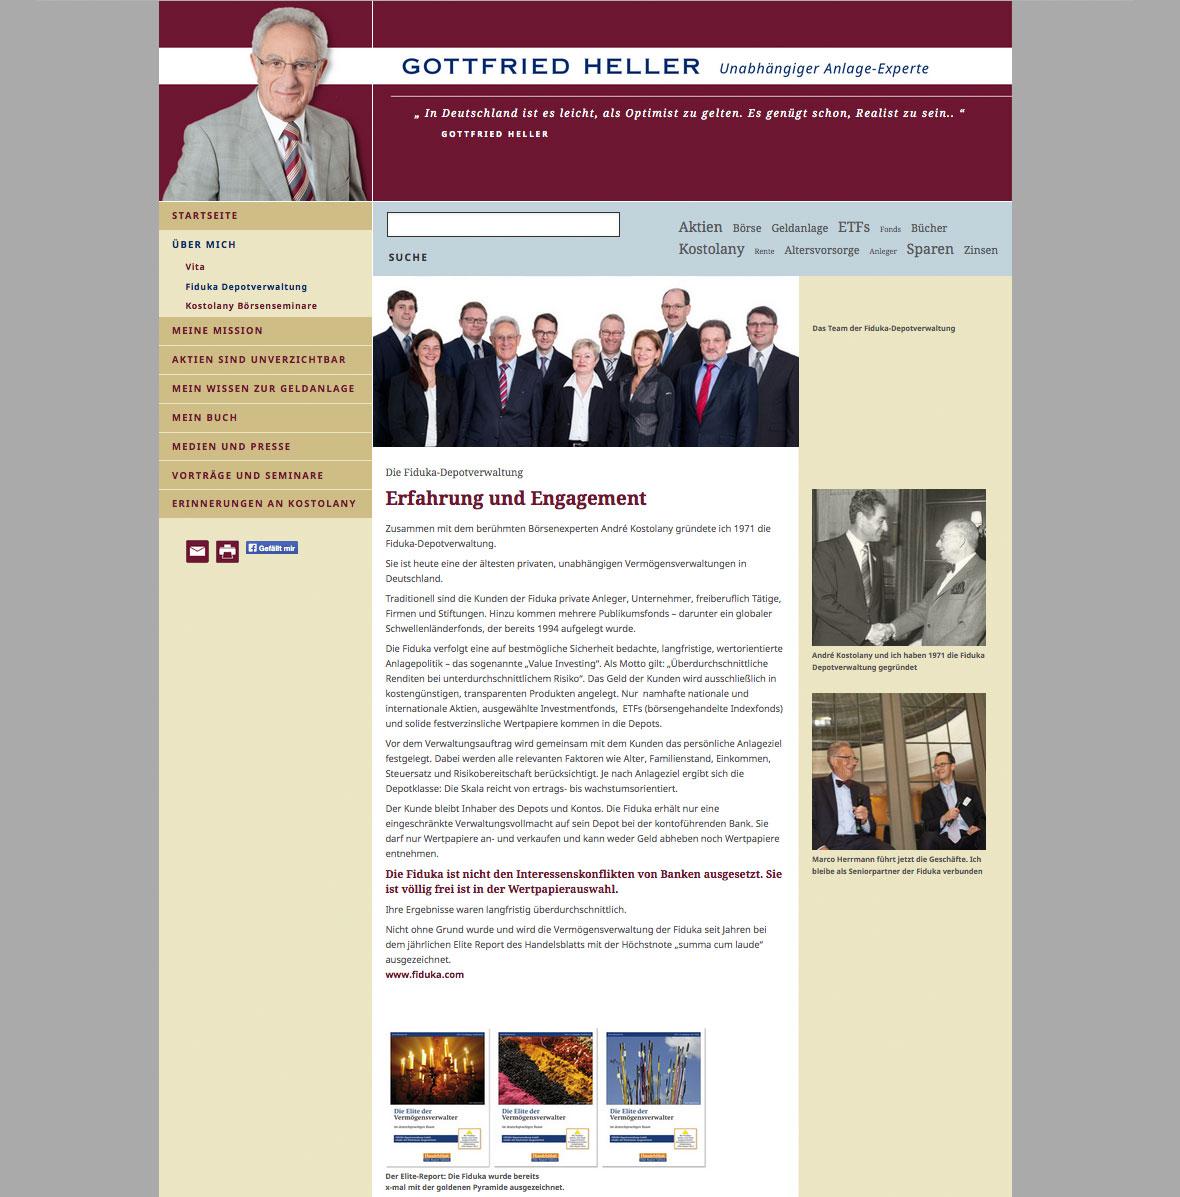 punktneun-Gottfried-Heller-Webseite-Depotverwaltung